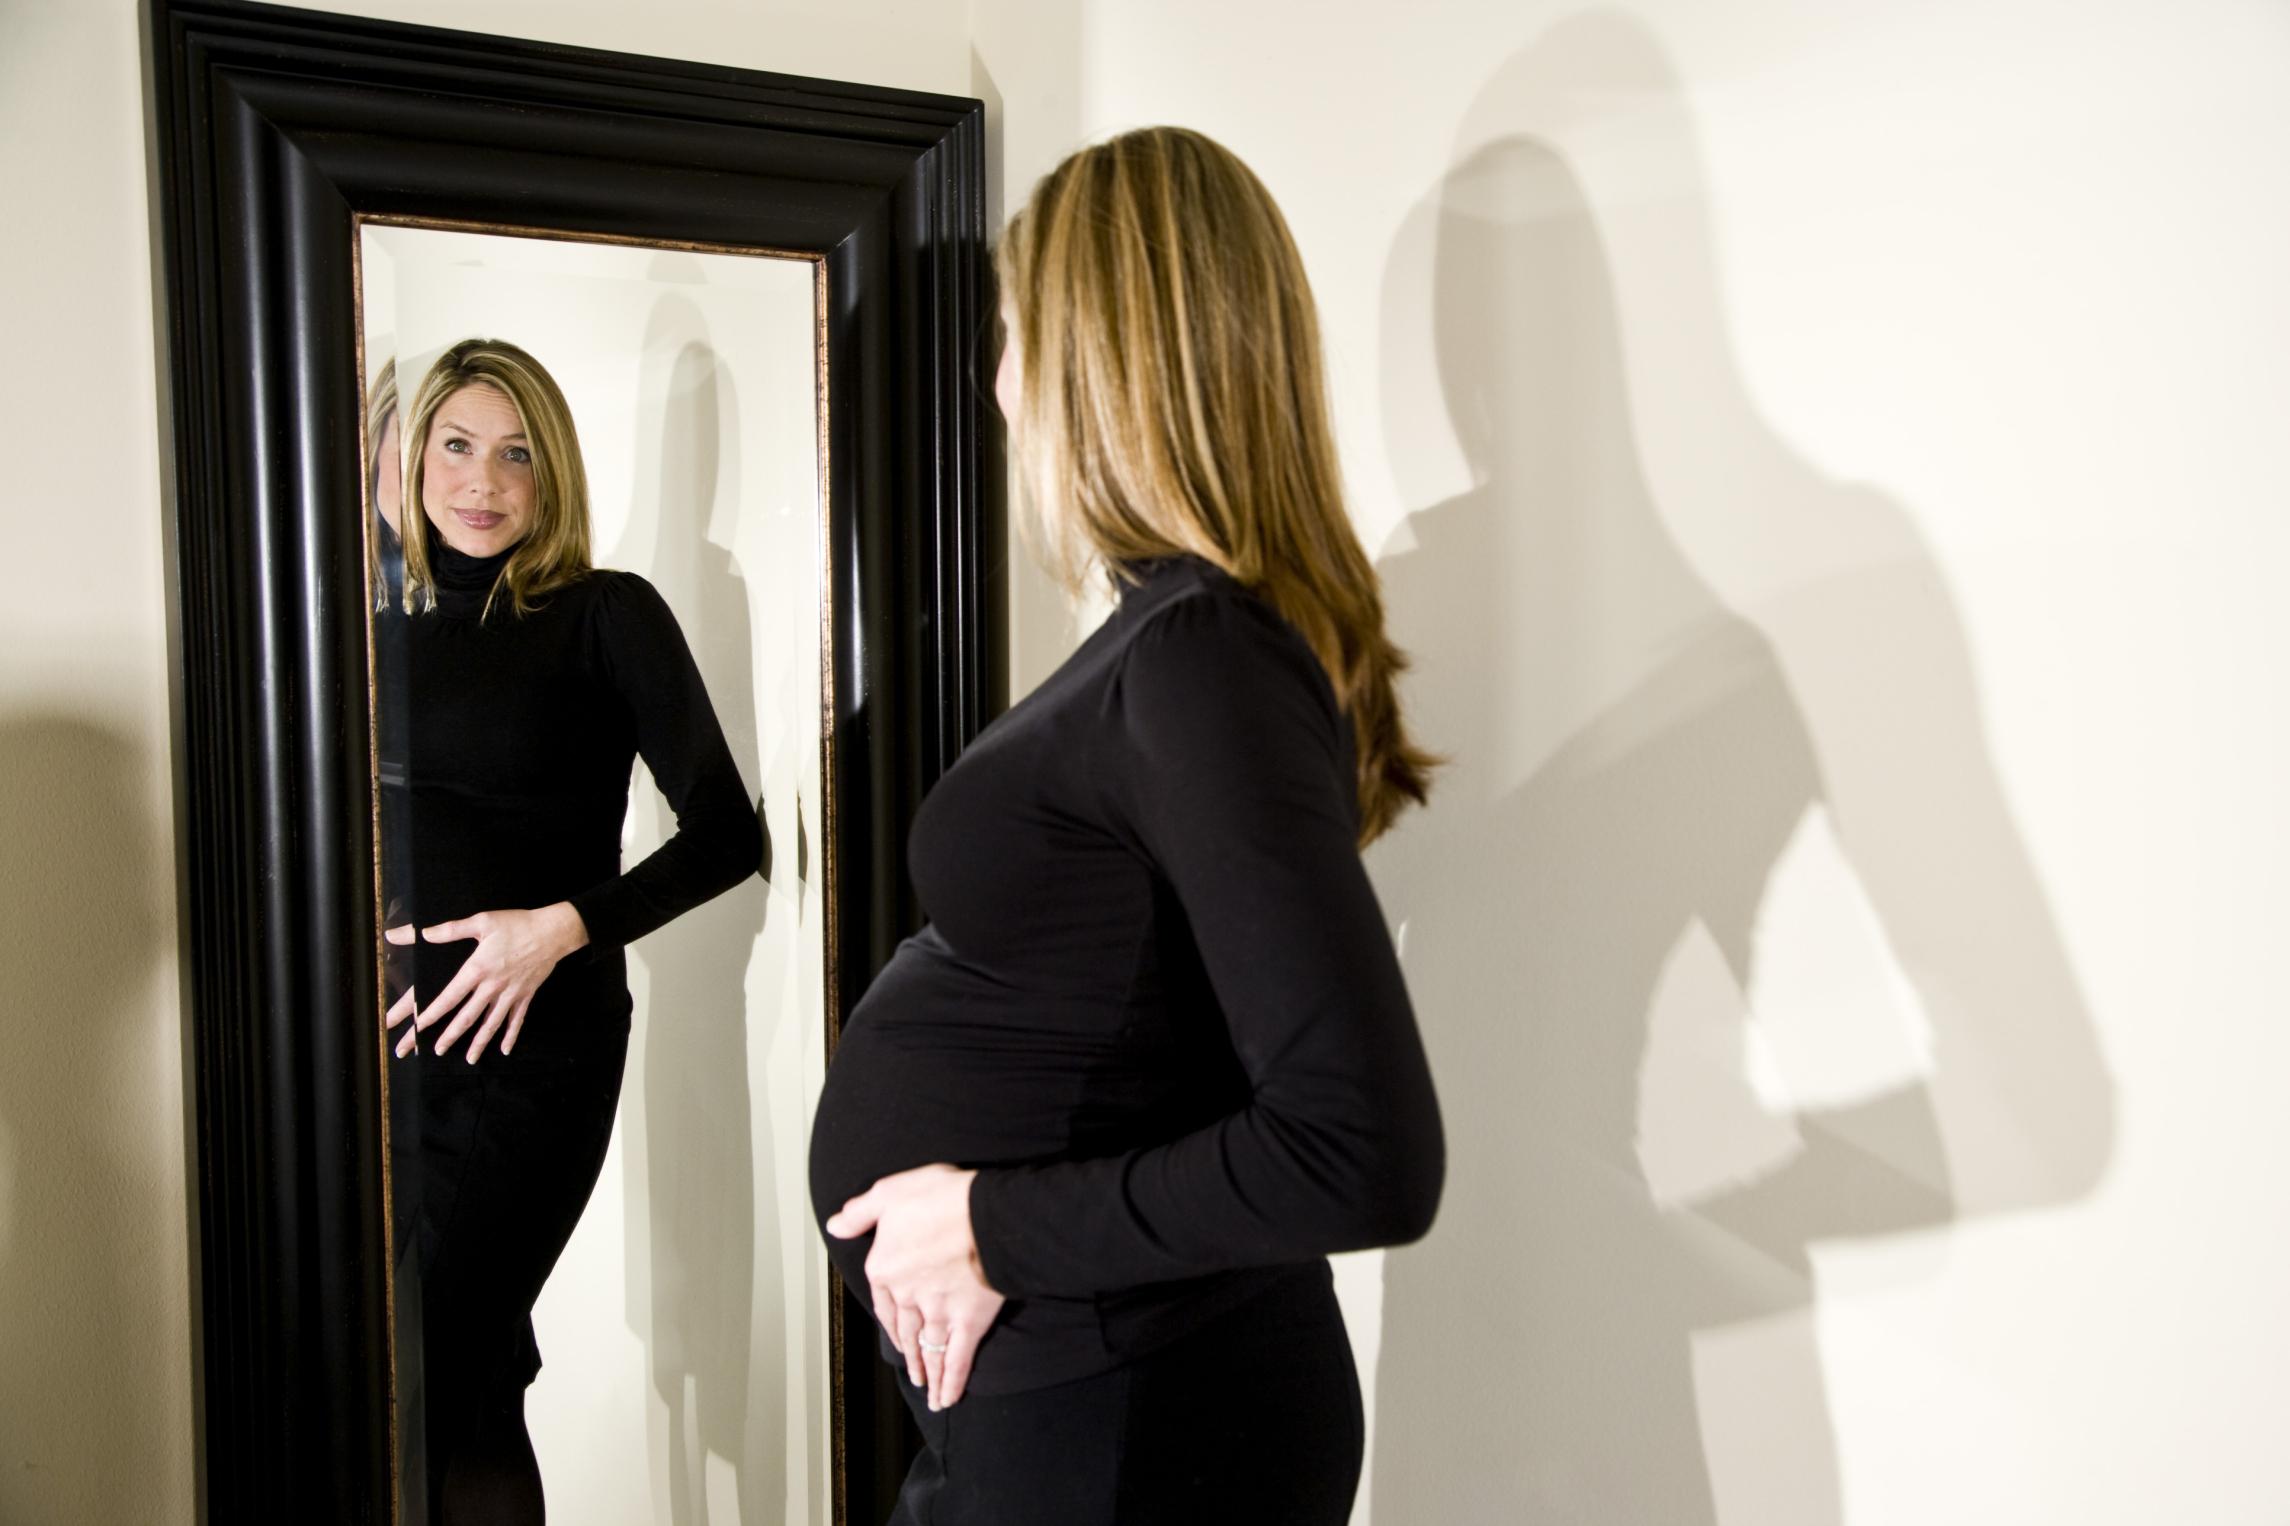 Embarazada frente al espejo salud180 for Espejo que hace fotos